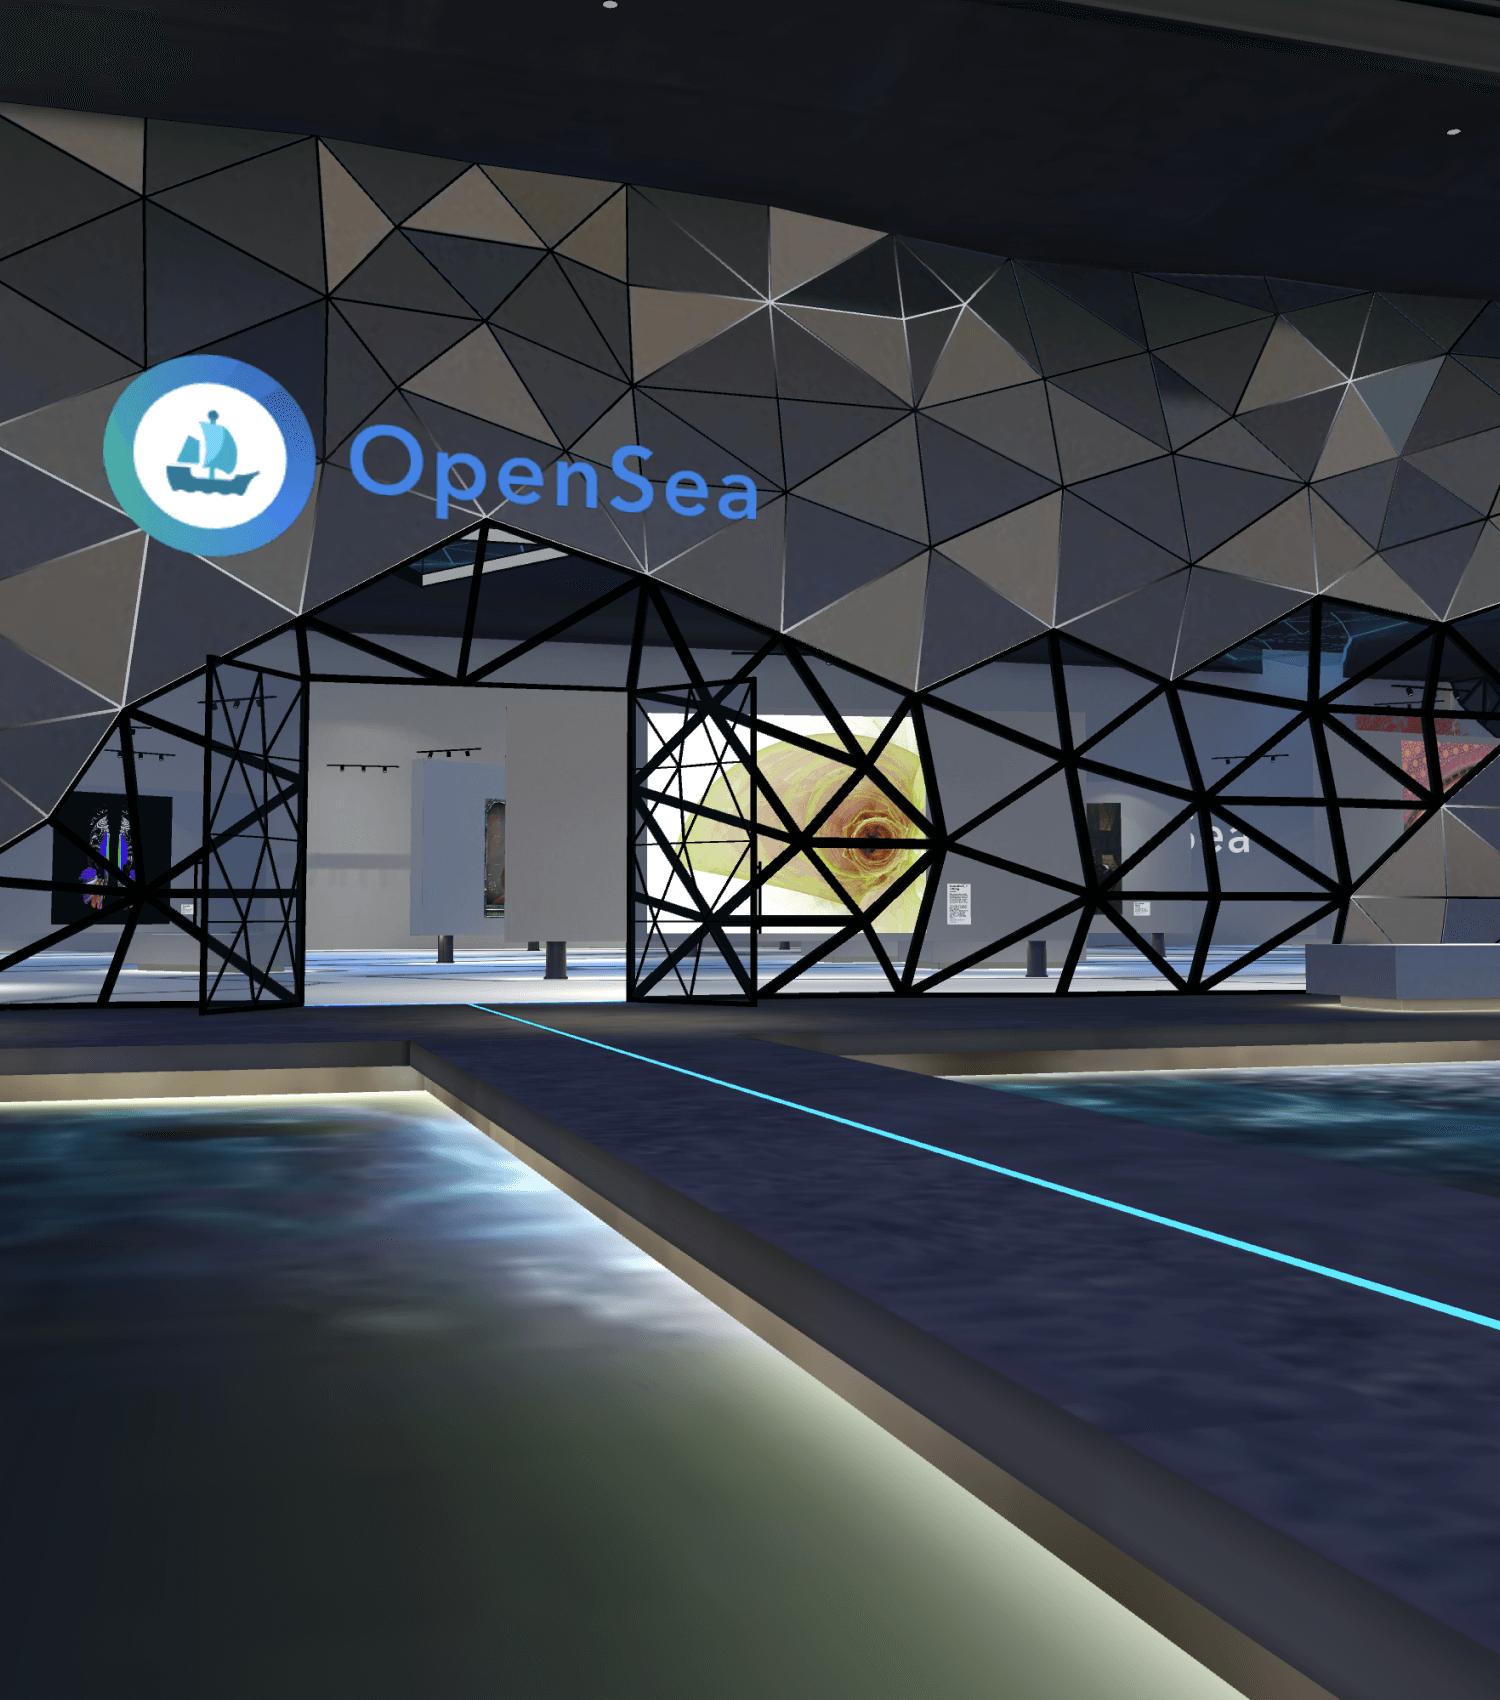 OpenSea NFT Gallery in Spatial